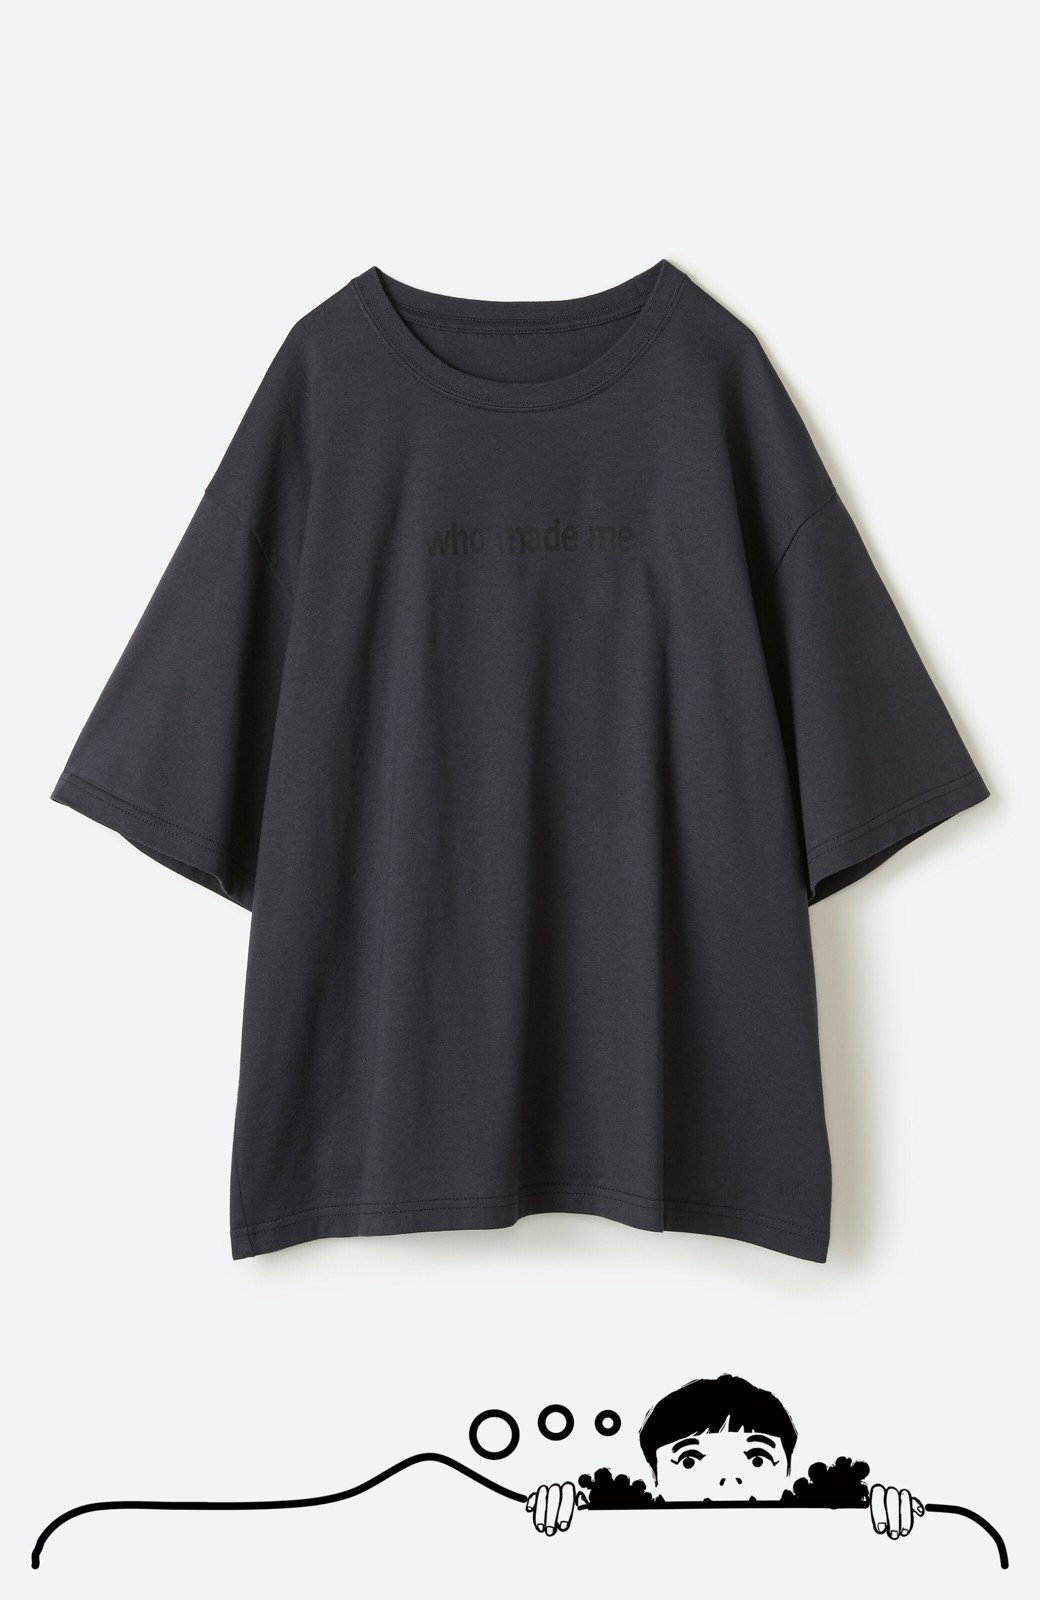 haco! あるかないかで大違い!大人の抜け感を醸し出すさりげなロゴTシャツ by who made me + PBP <チャコールグレー>の商品写真10